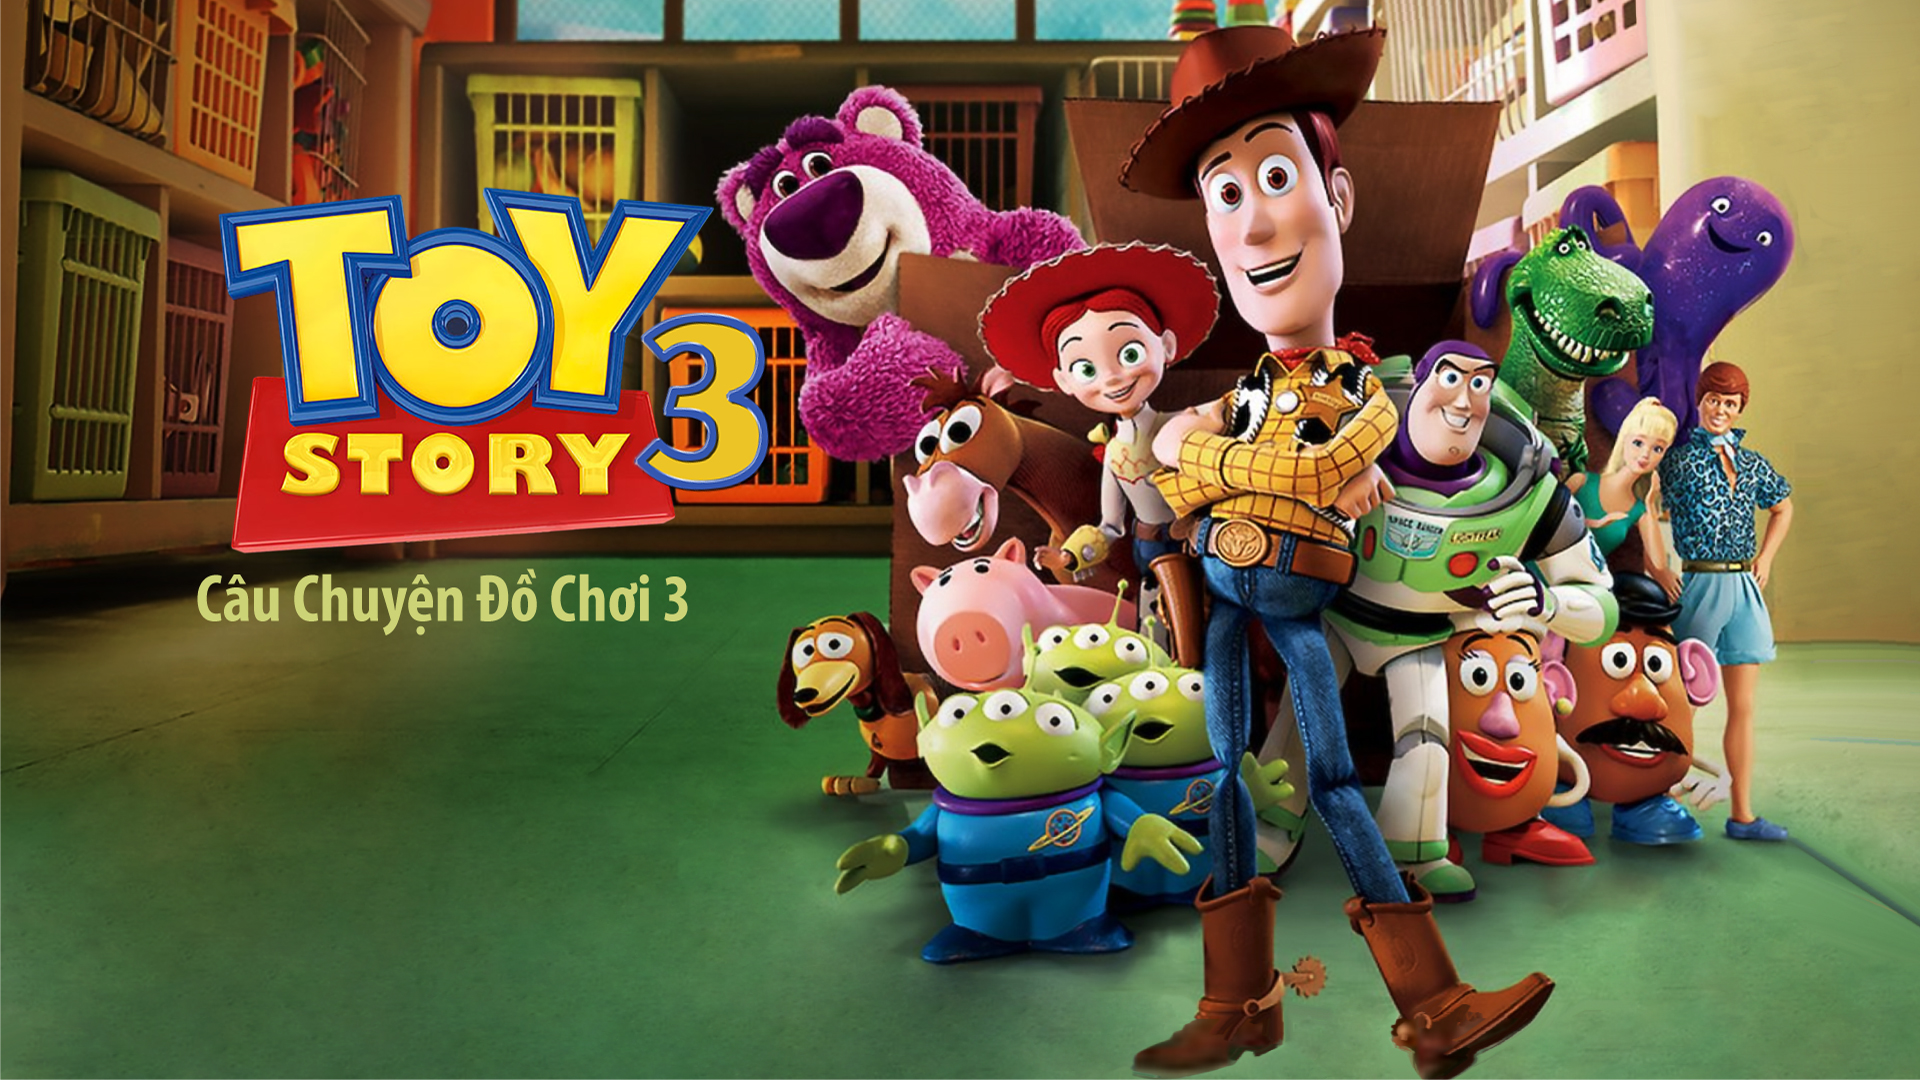 Câu Chuyện Đồ Chơi 3   Toy Story 3   VieON